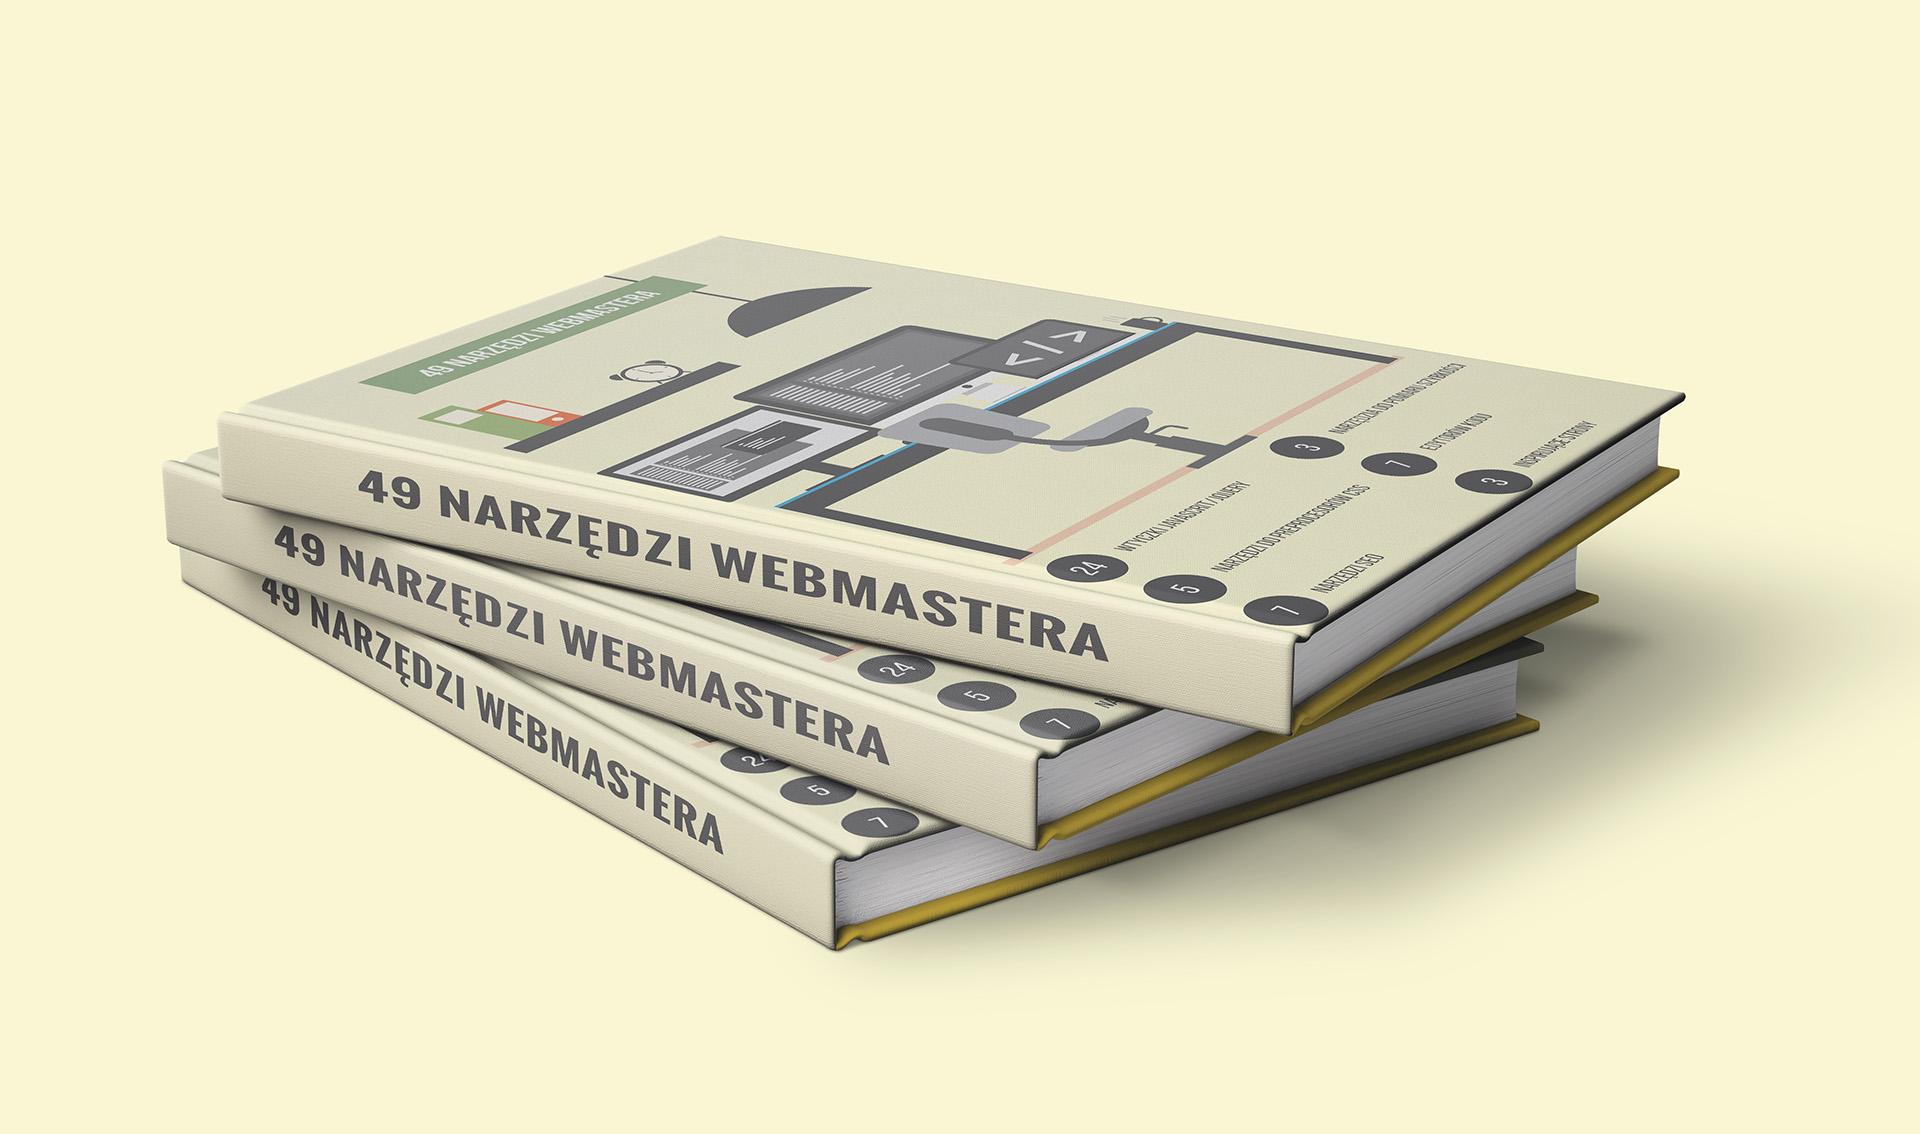 49-narzedzi-webmastera